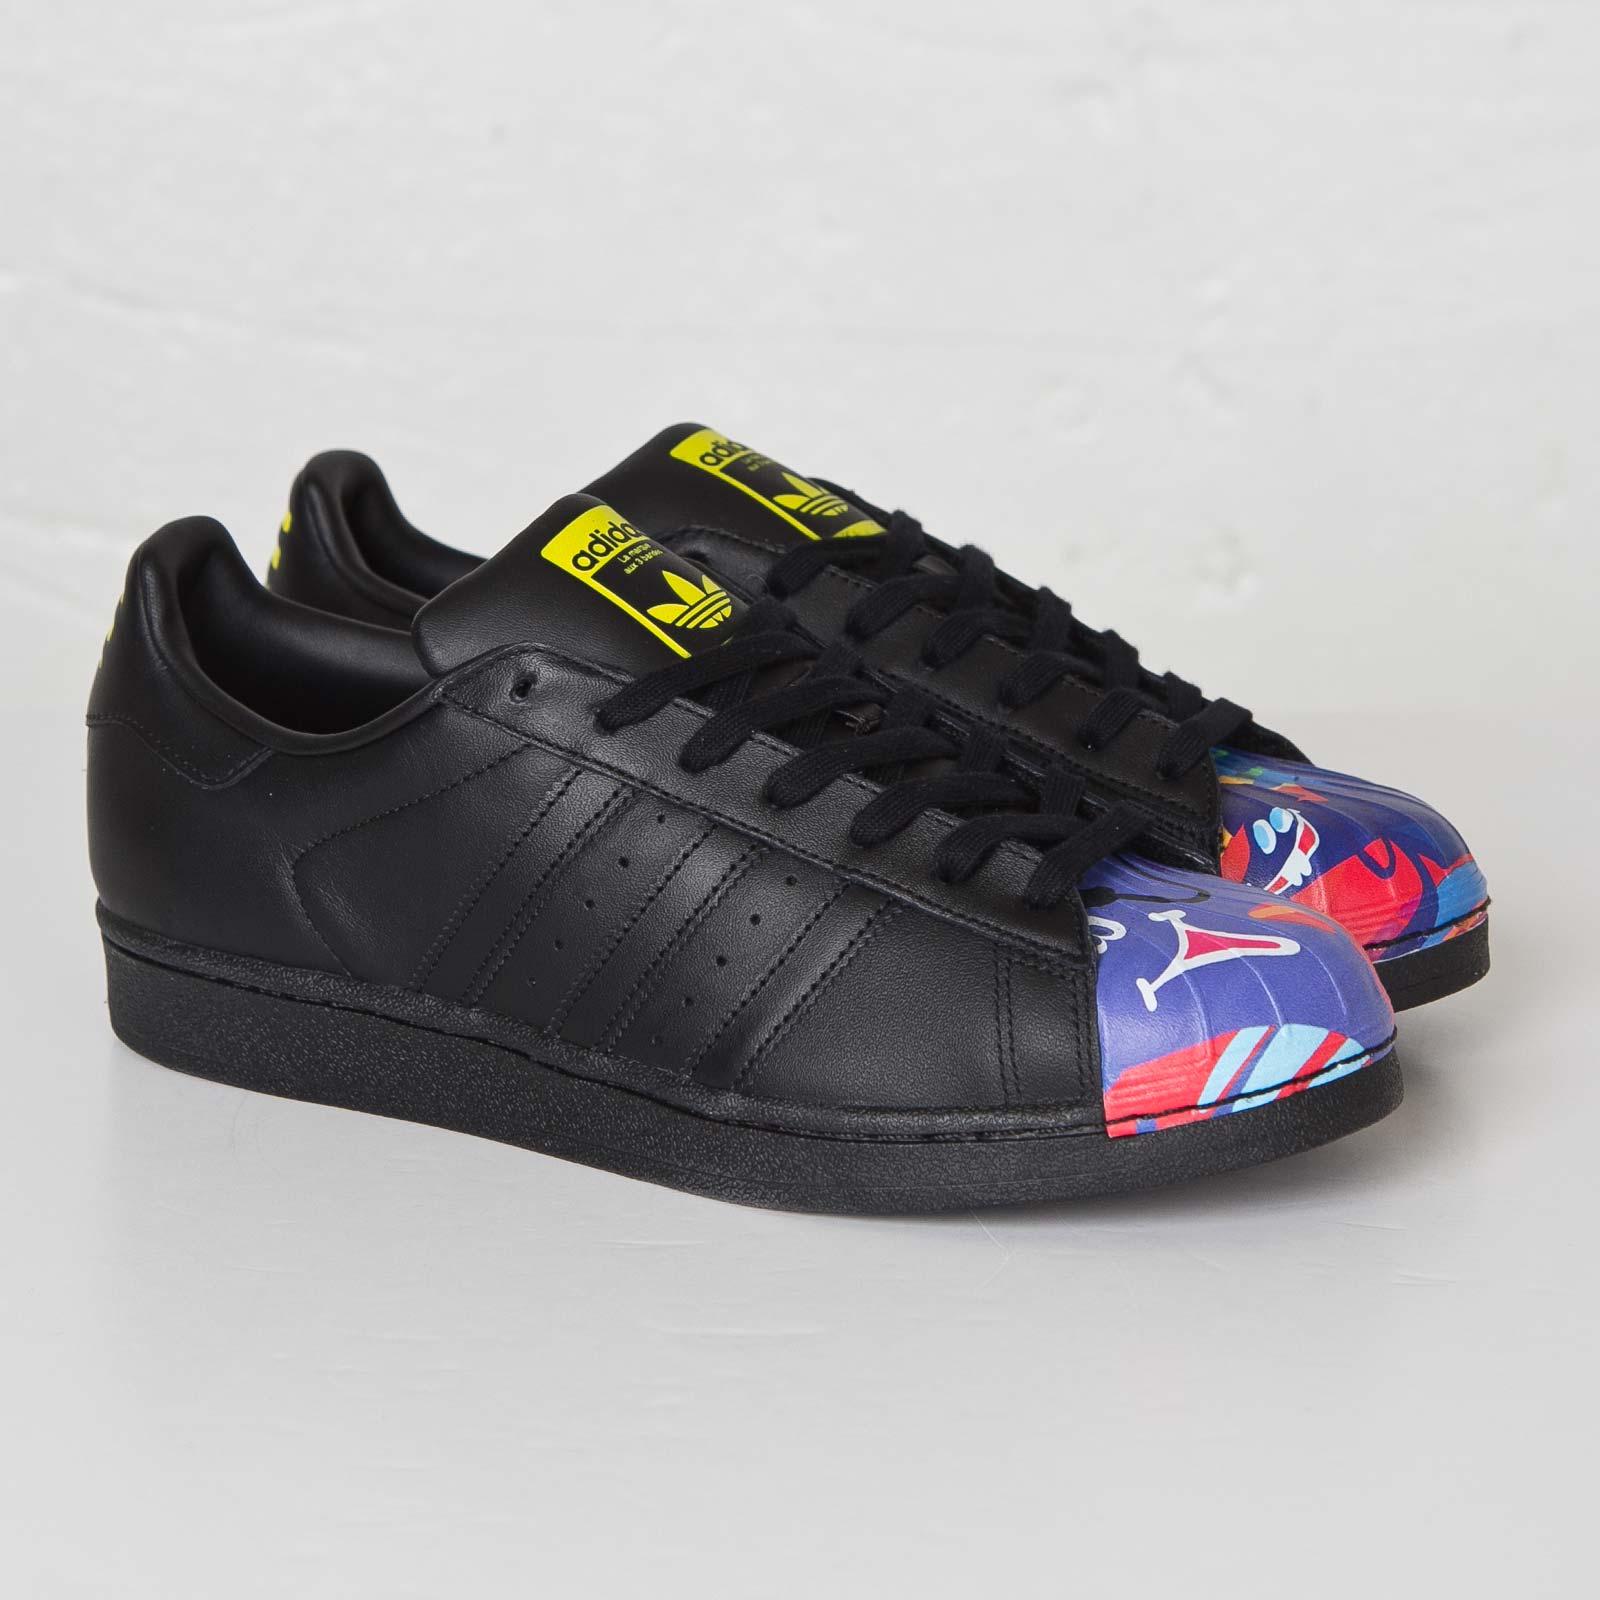 online retailer 00e7b 1b2b2 adidas Superstar Pharrell Supershell